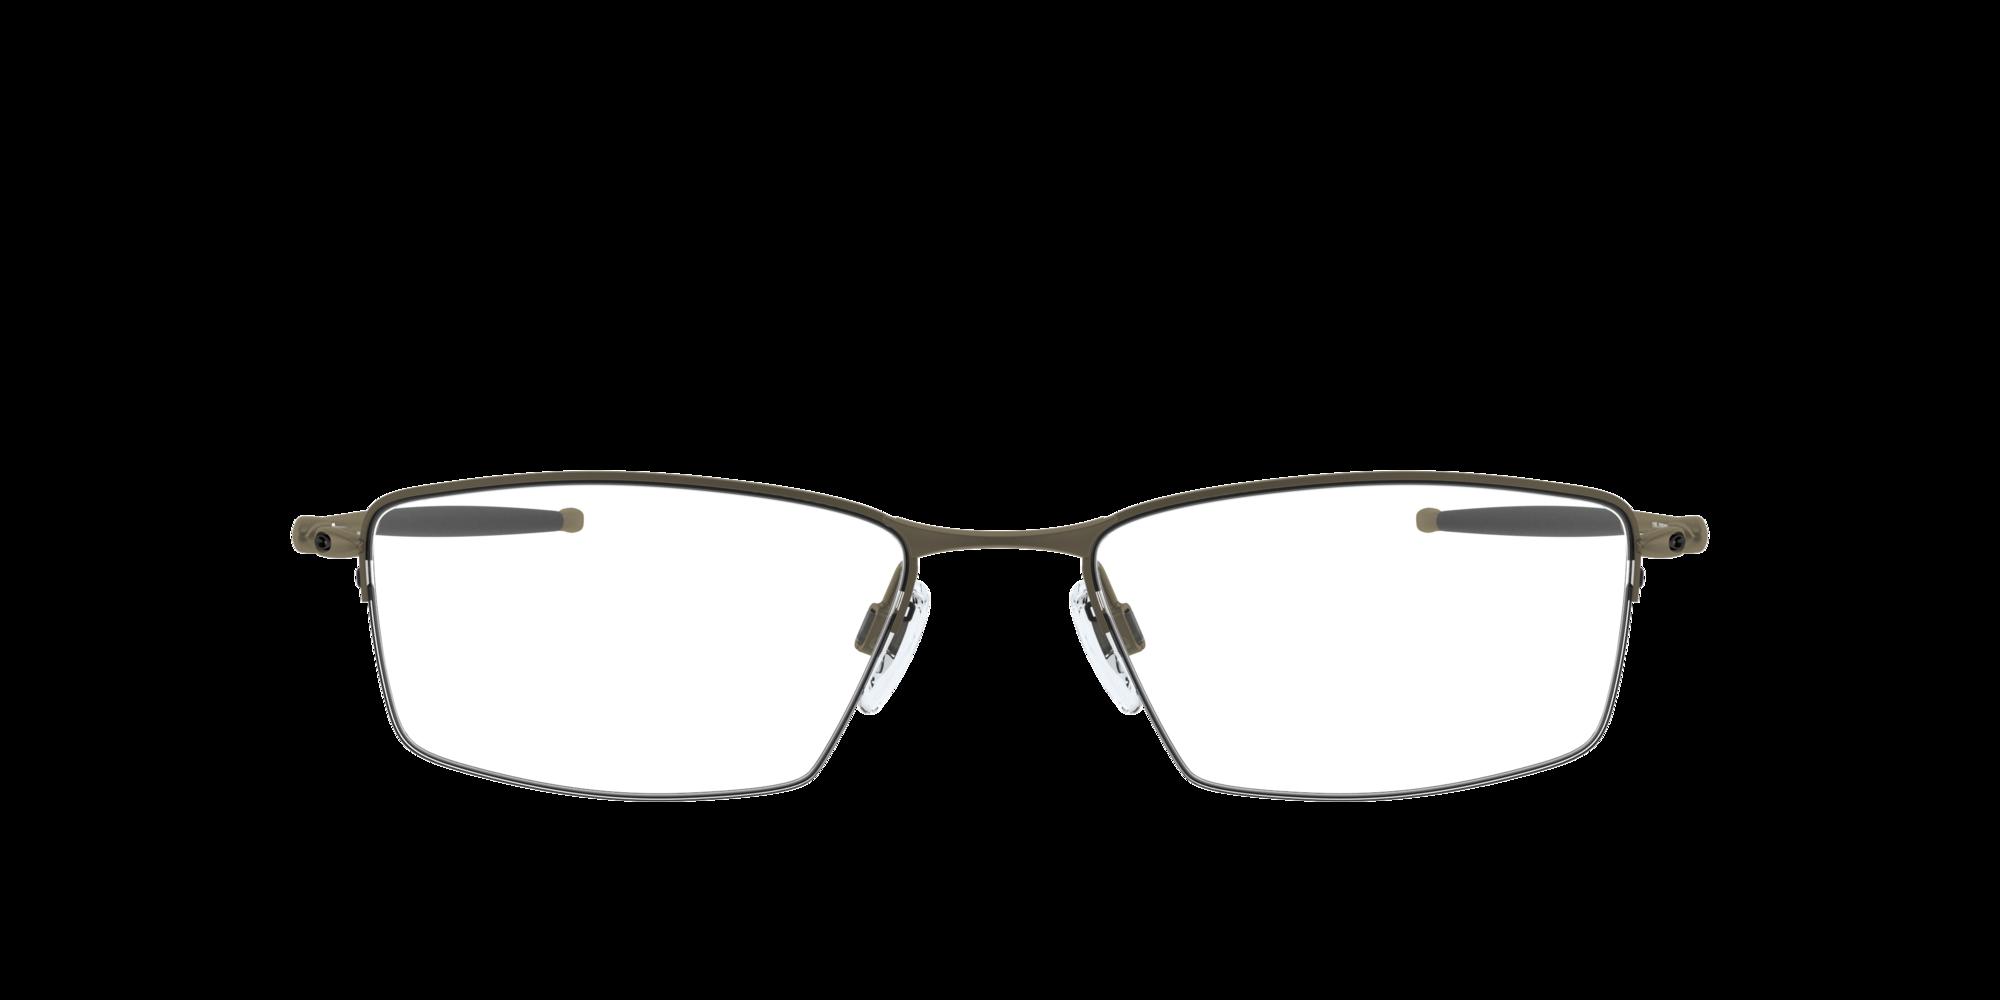 Imagen para OX5113 LIZARD de LensCrafters |  Espejuelos, espejuelos graduados en línea, gafas